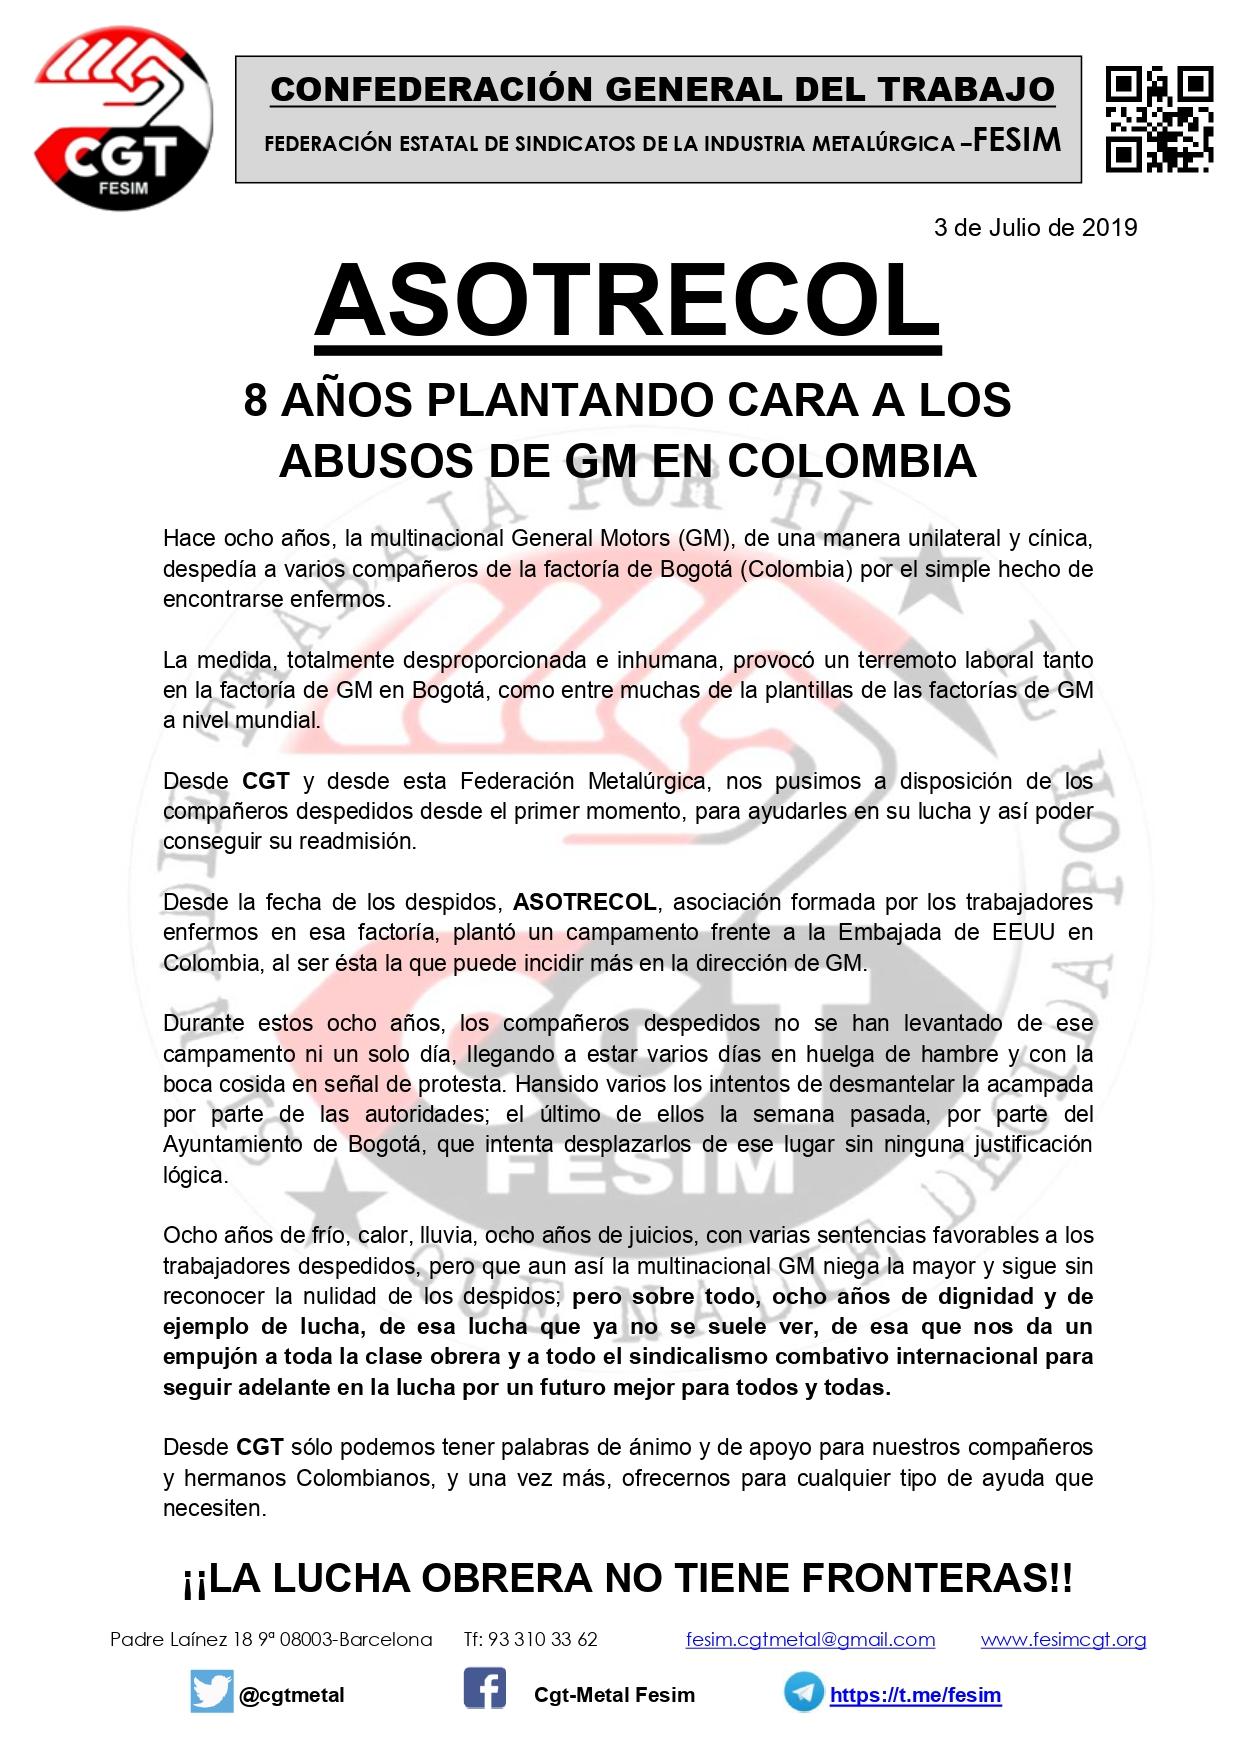 Comunicado ASOTRECOL (Colombia) 190703_page-0001